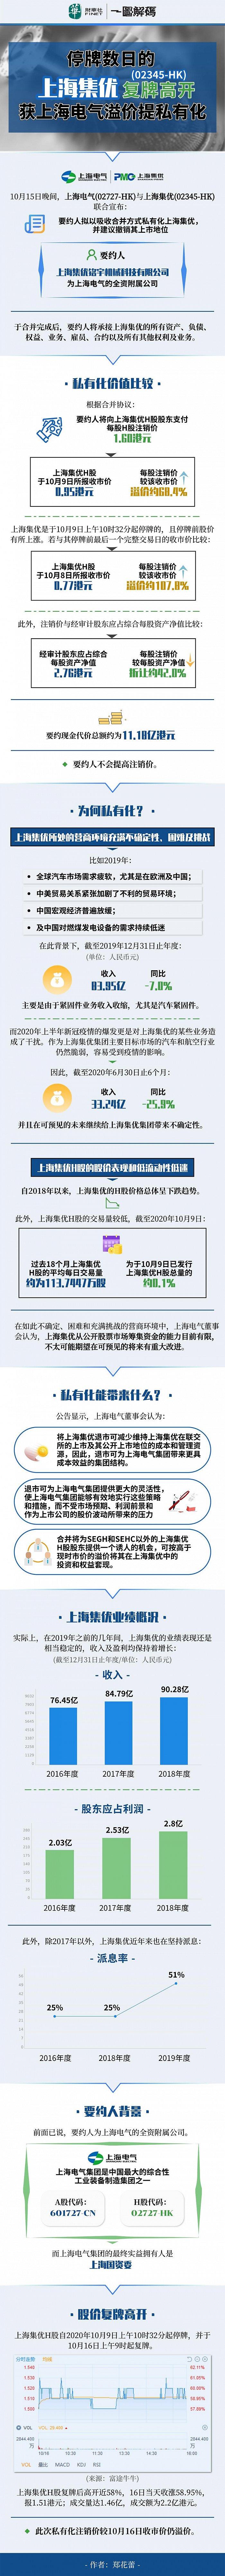 一图解码:停牌数日的上海集优复牌高开,获上海电气溢价提私有化